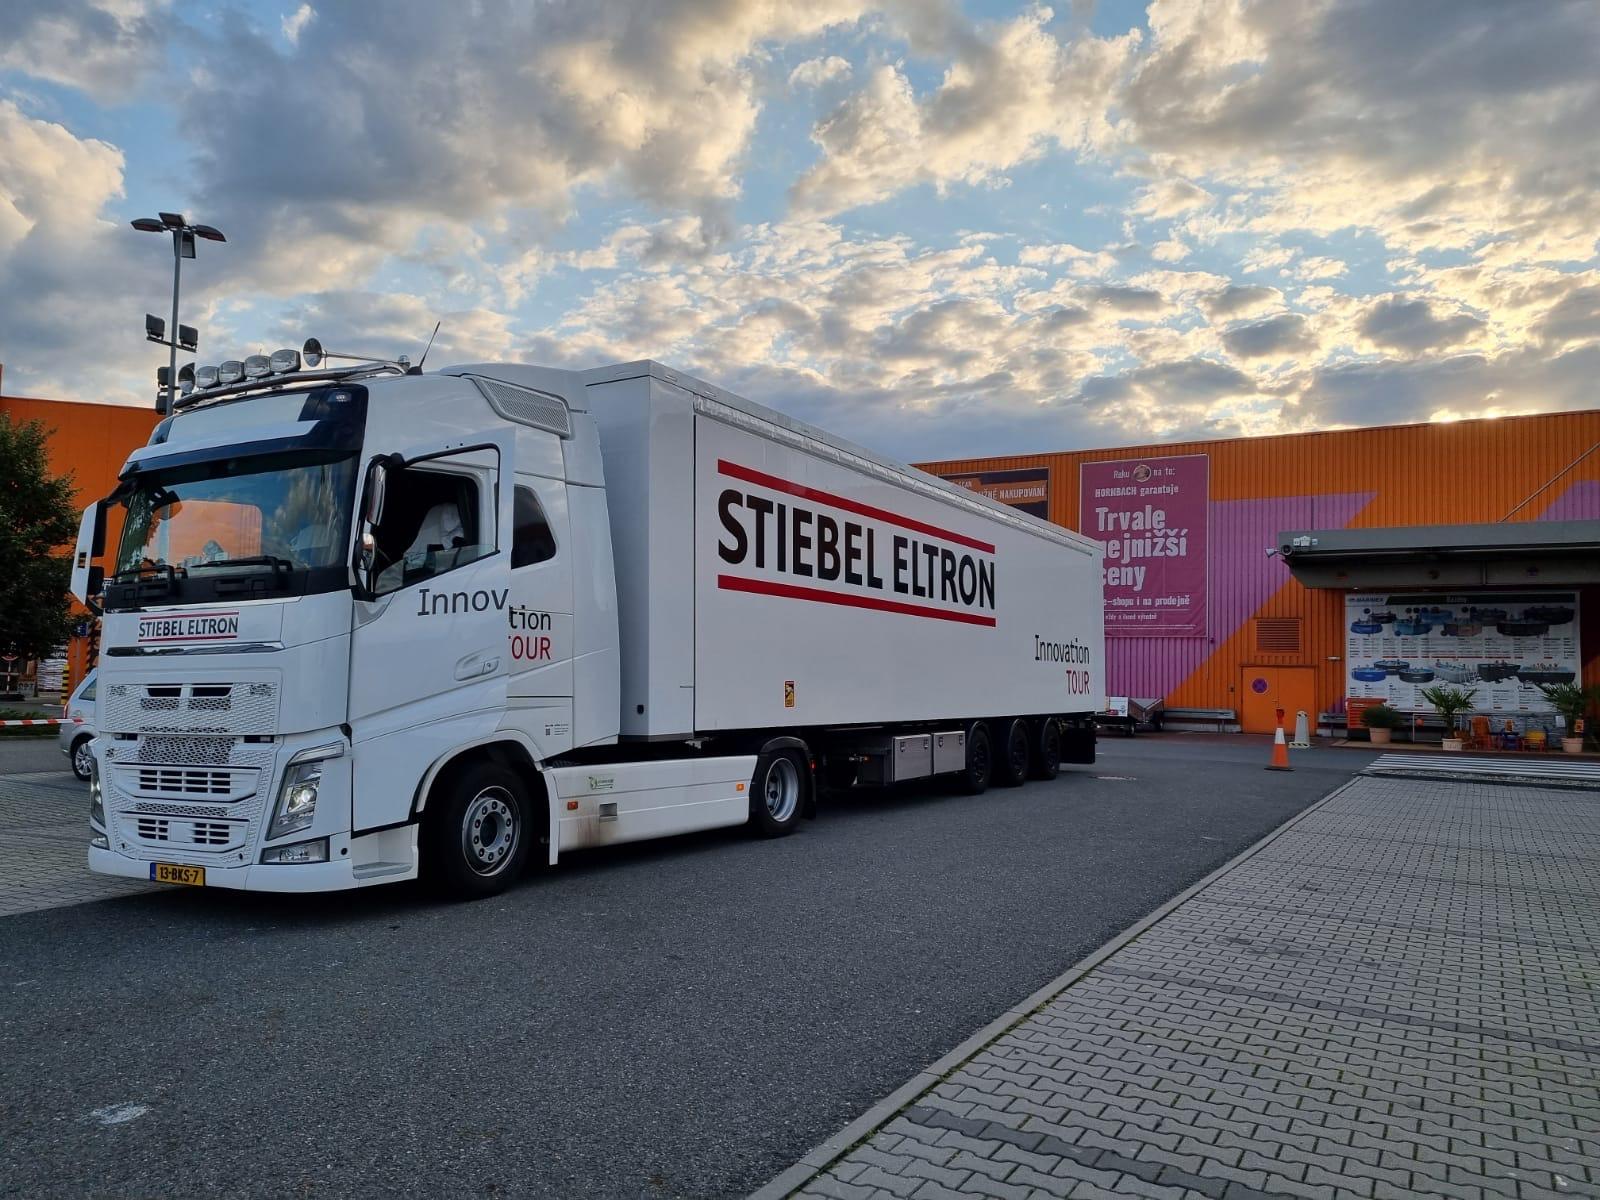 Mobilní stánek STIEBEL ELTRON v rámci celoevropského turné